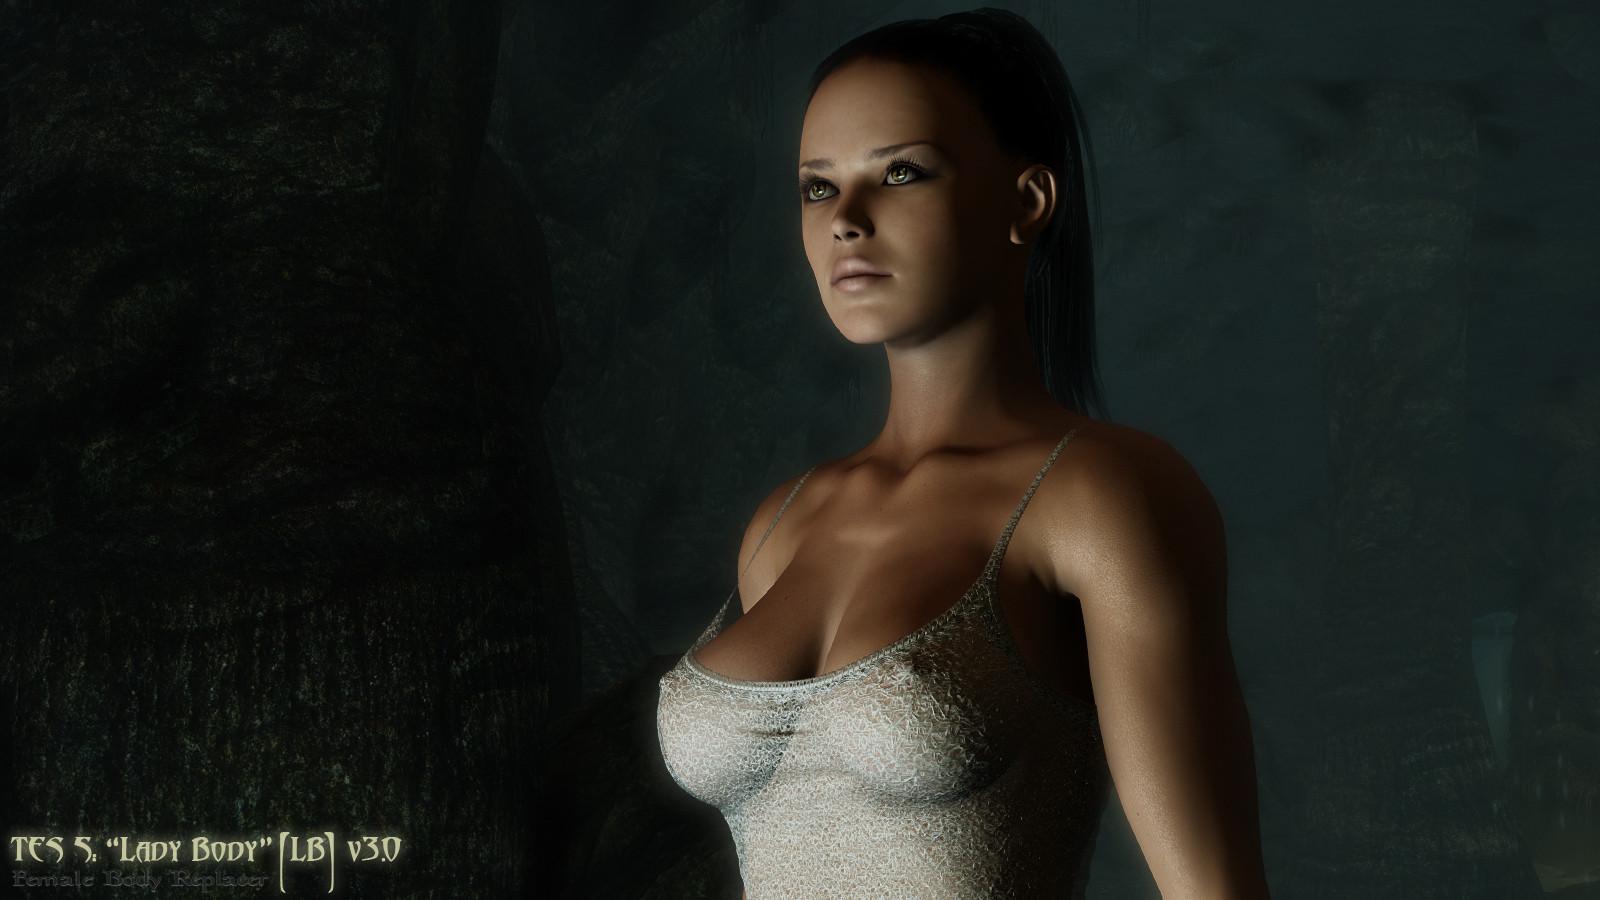 Ag3 elf skins erotic movie